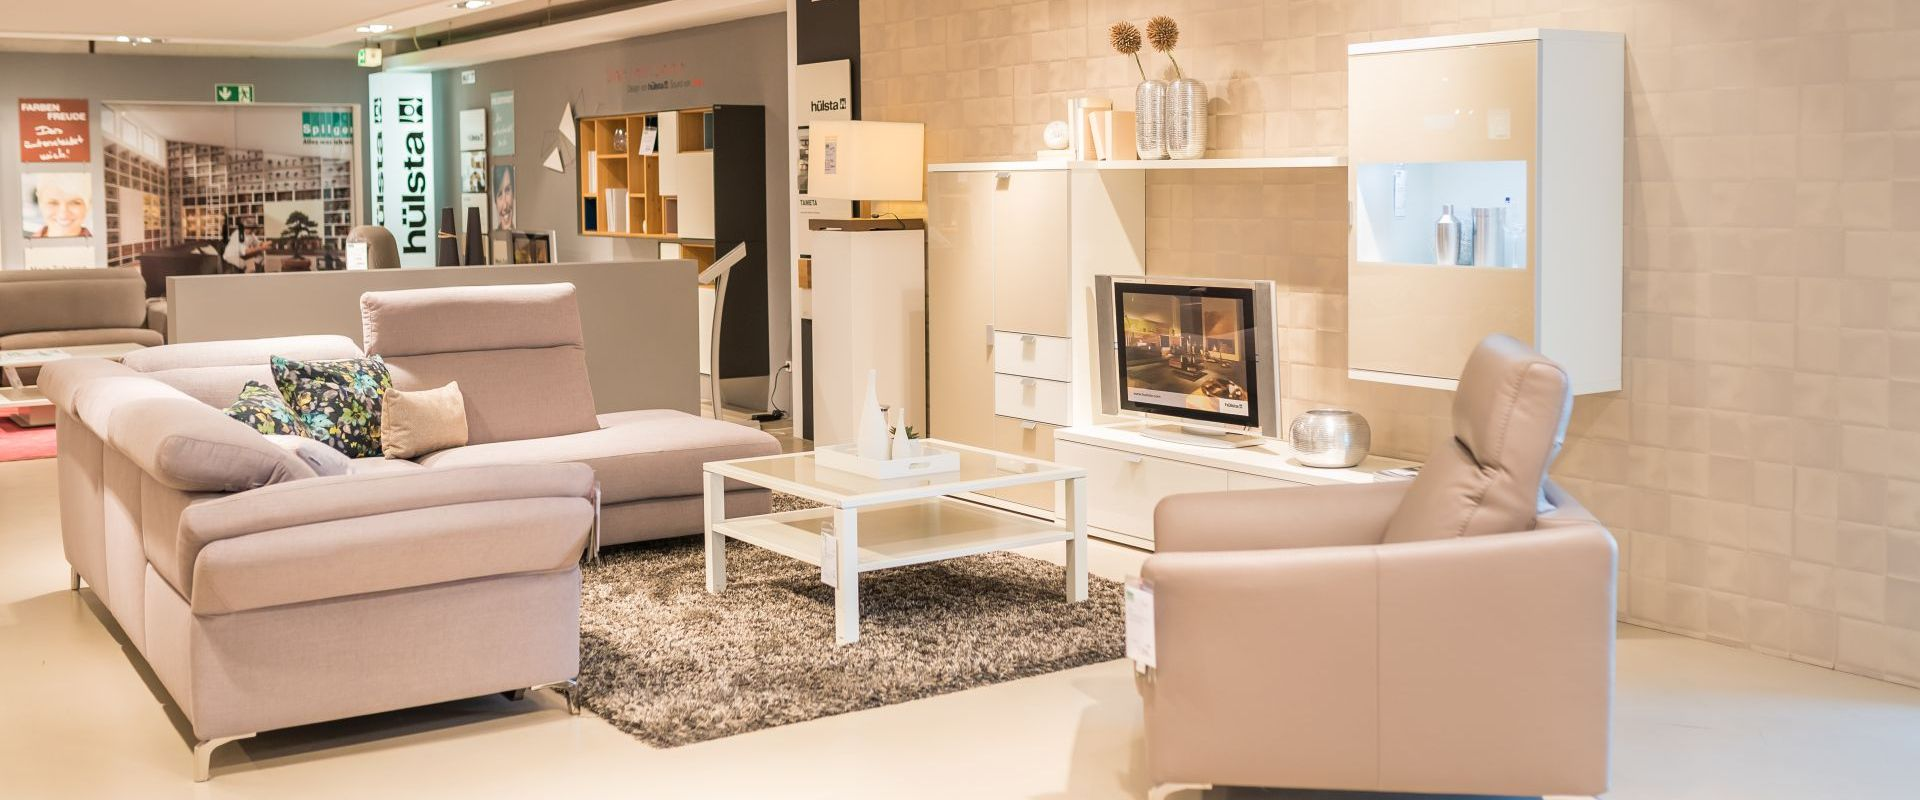 Möbel kaufen in Obernburg - spilger.de